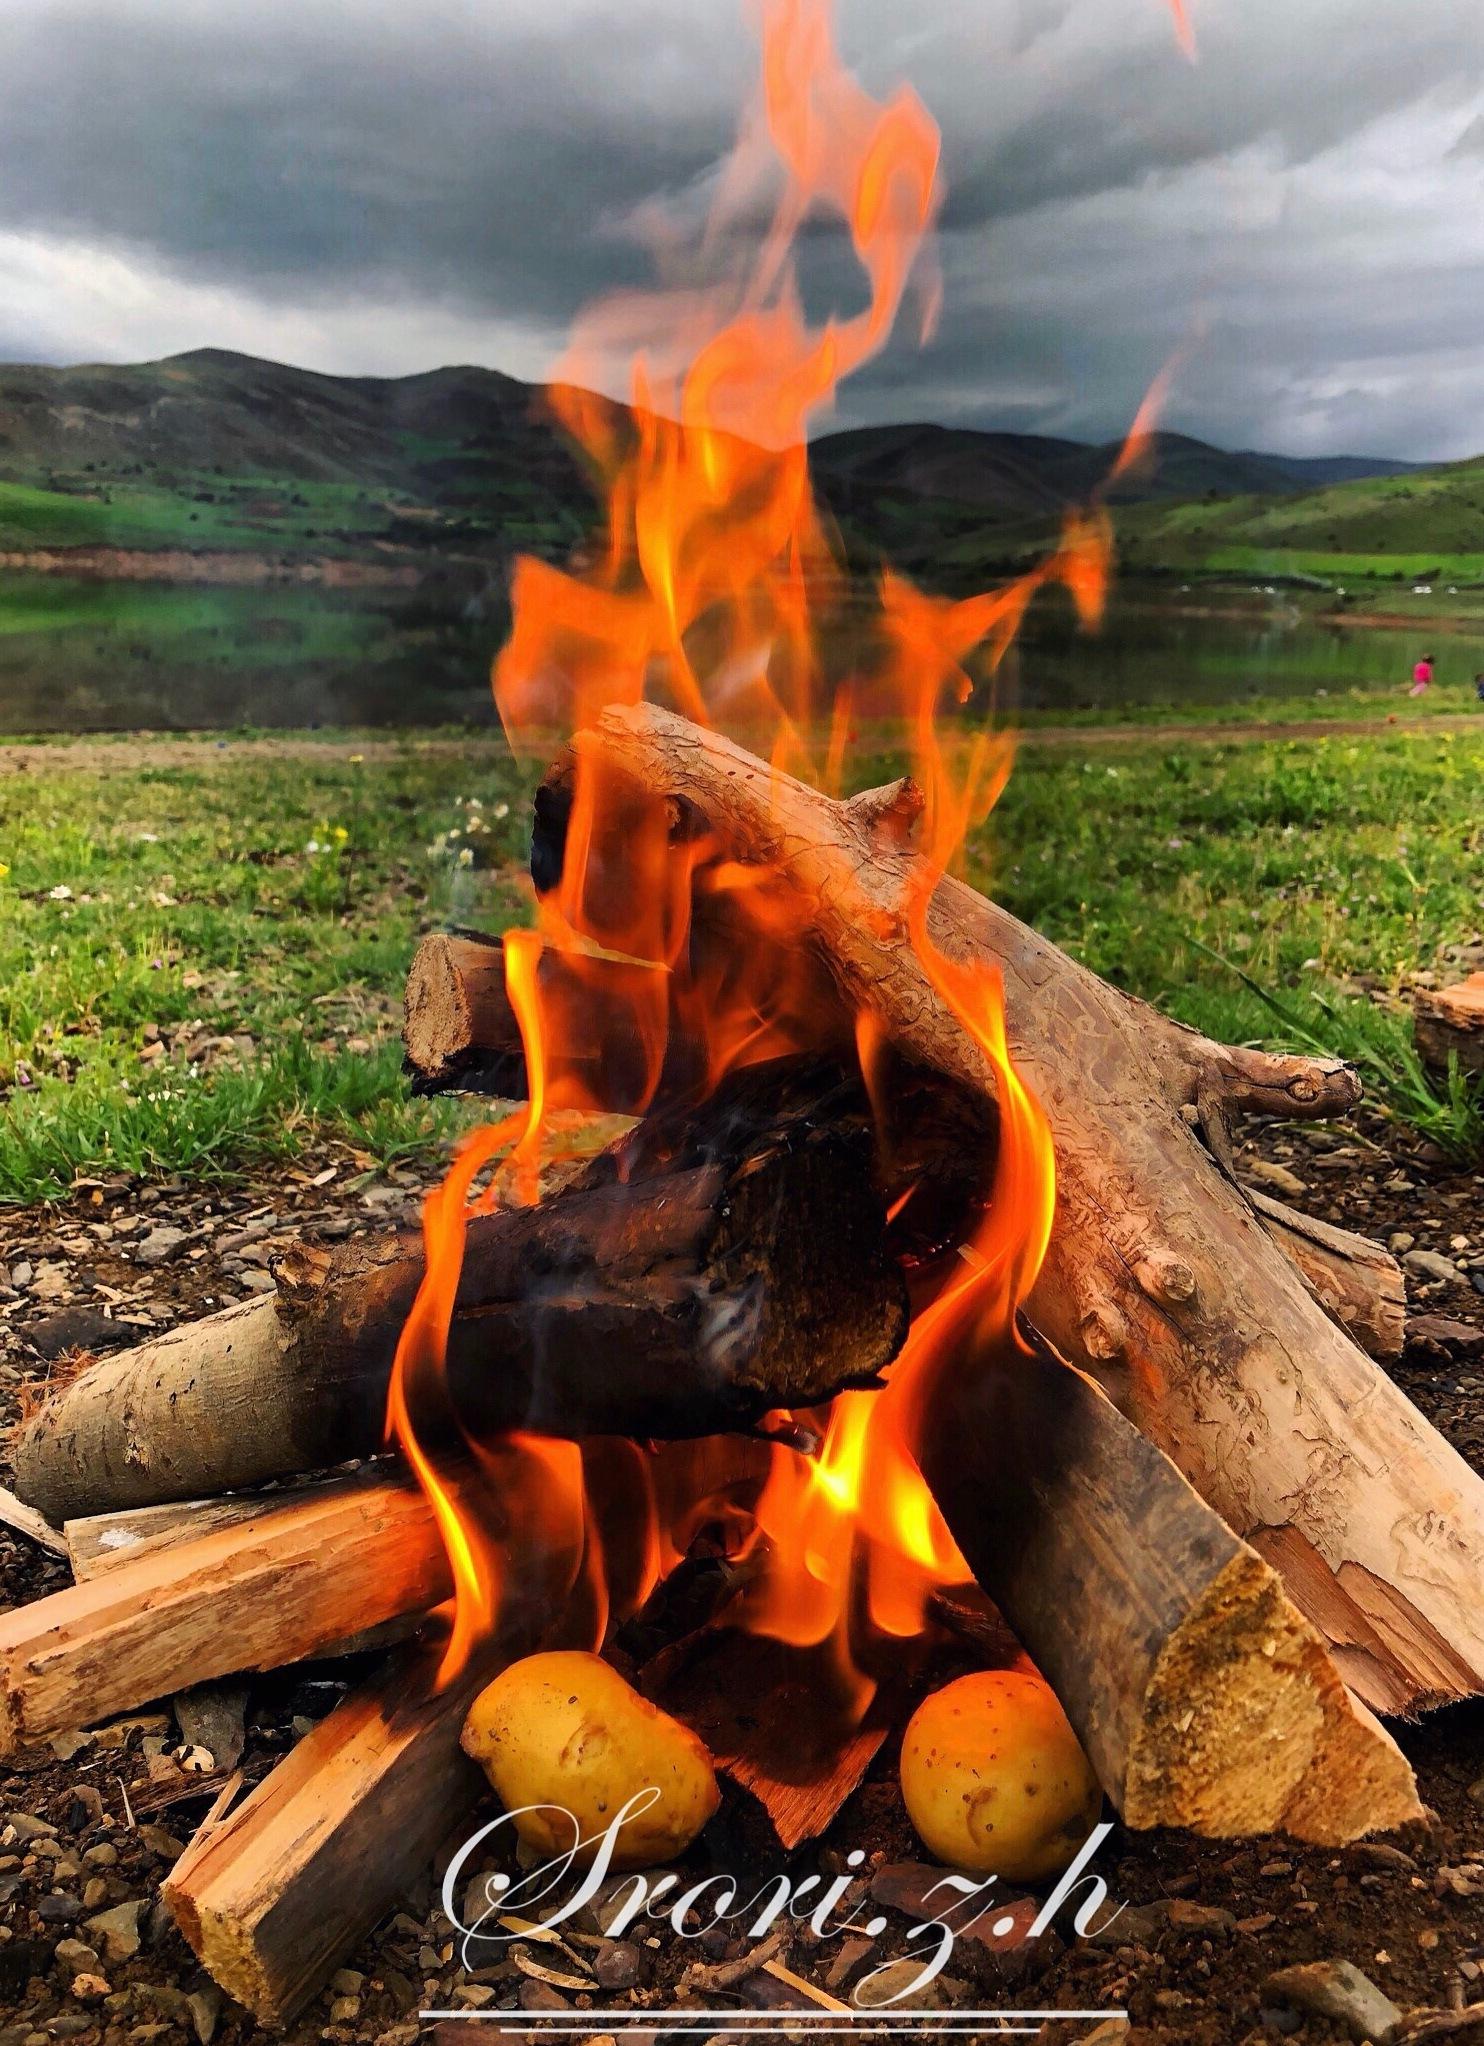 #fire #roast_potatoes by SRoRi zH